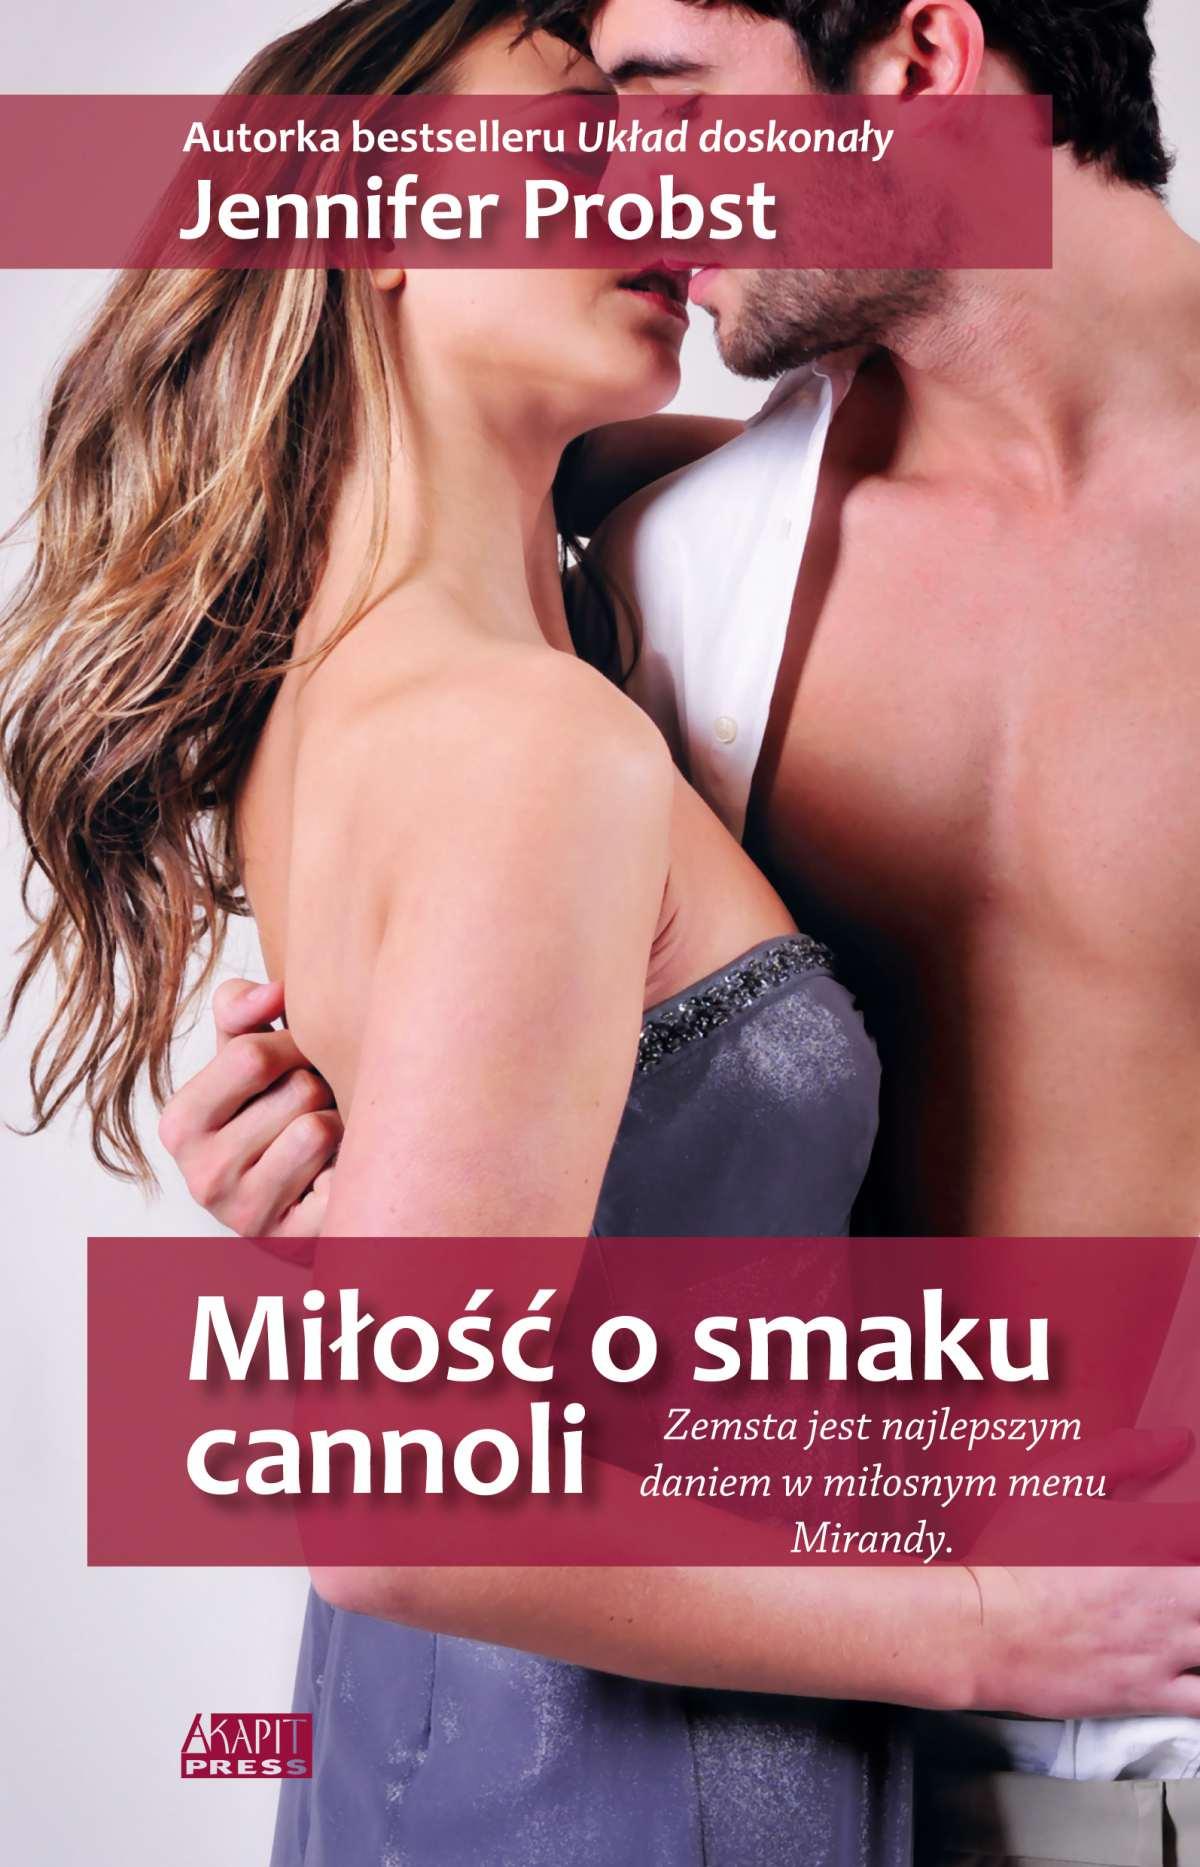 Miłość o smaku cannoli - Ebook (Książka na Kindle) do pobrania w formacie MOBI